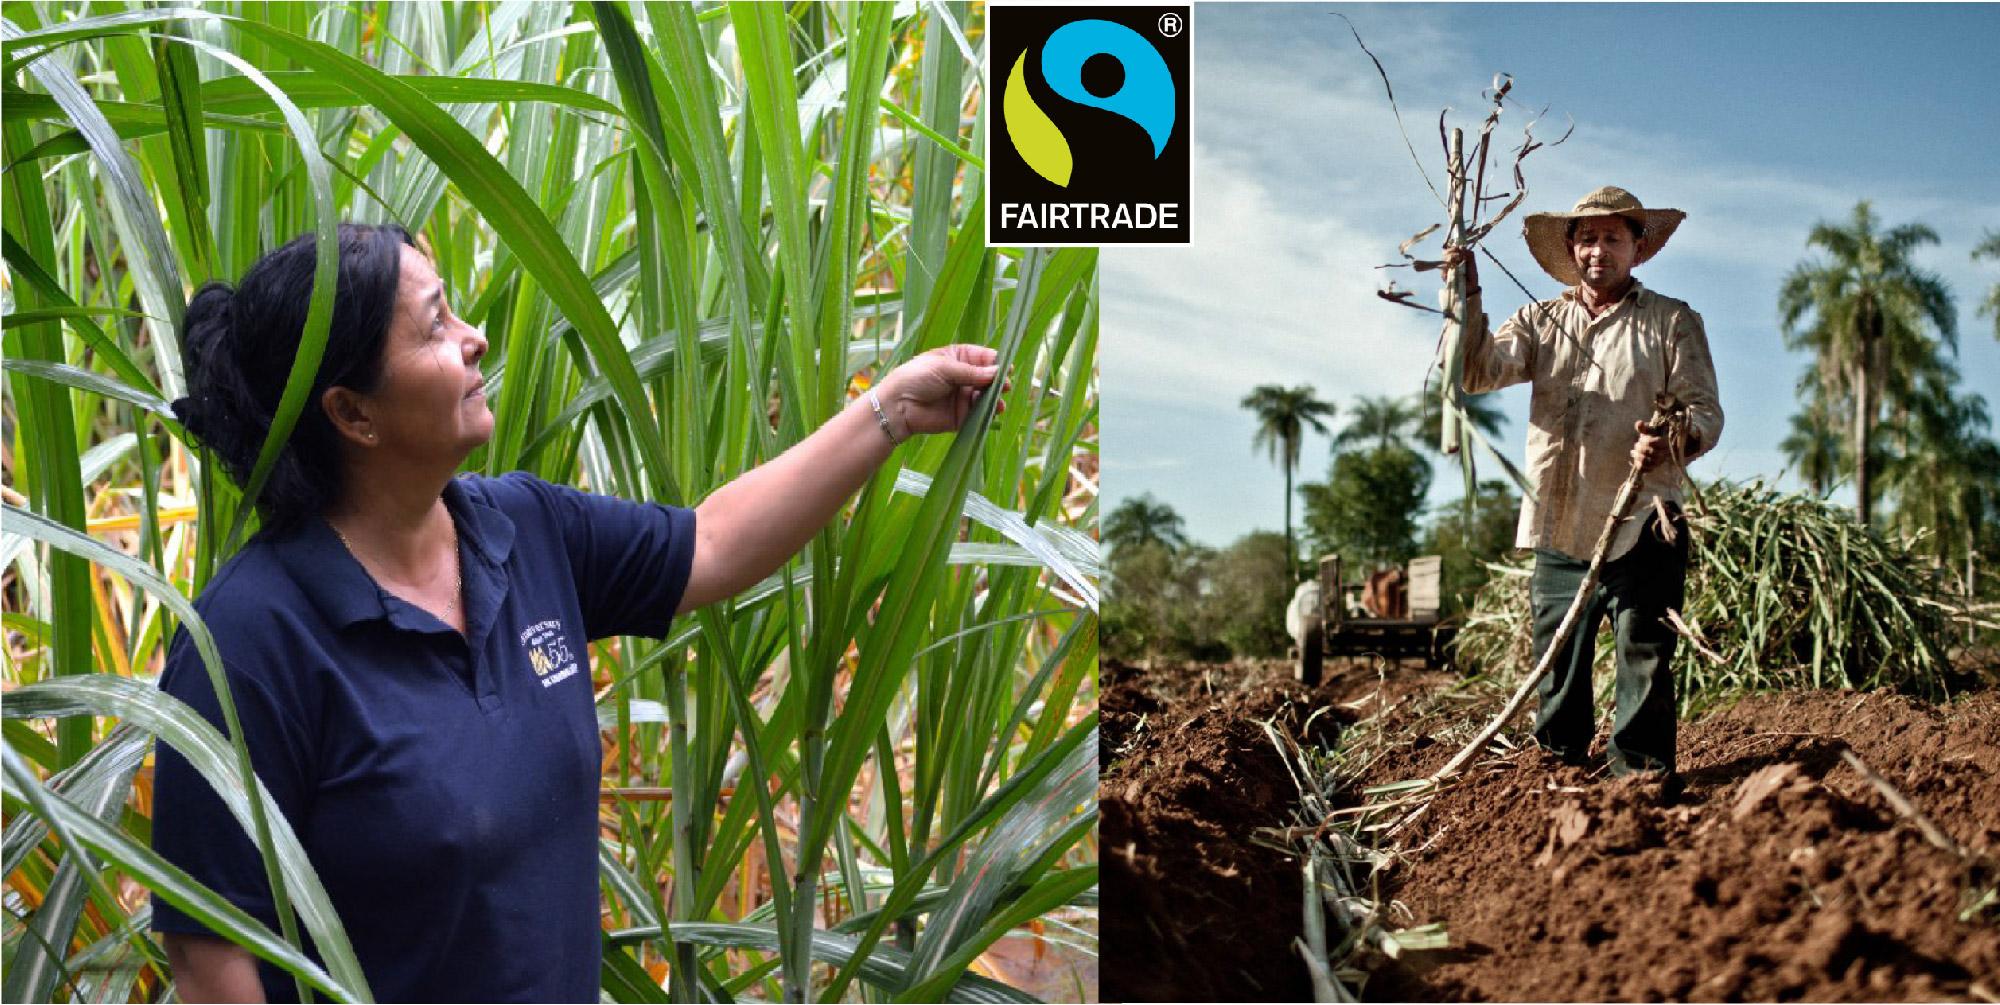 オーガニックエタノールの産地パラグアイの 原料となるサトウキビ畑で働いている方々